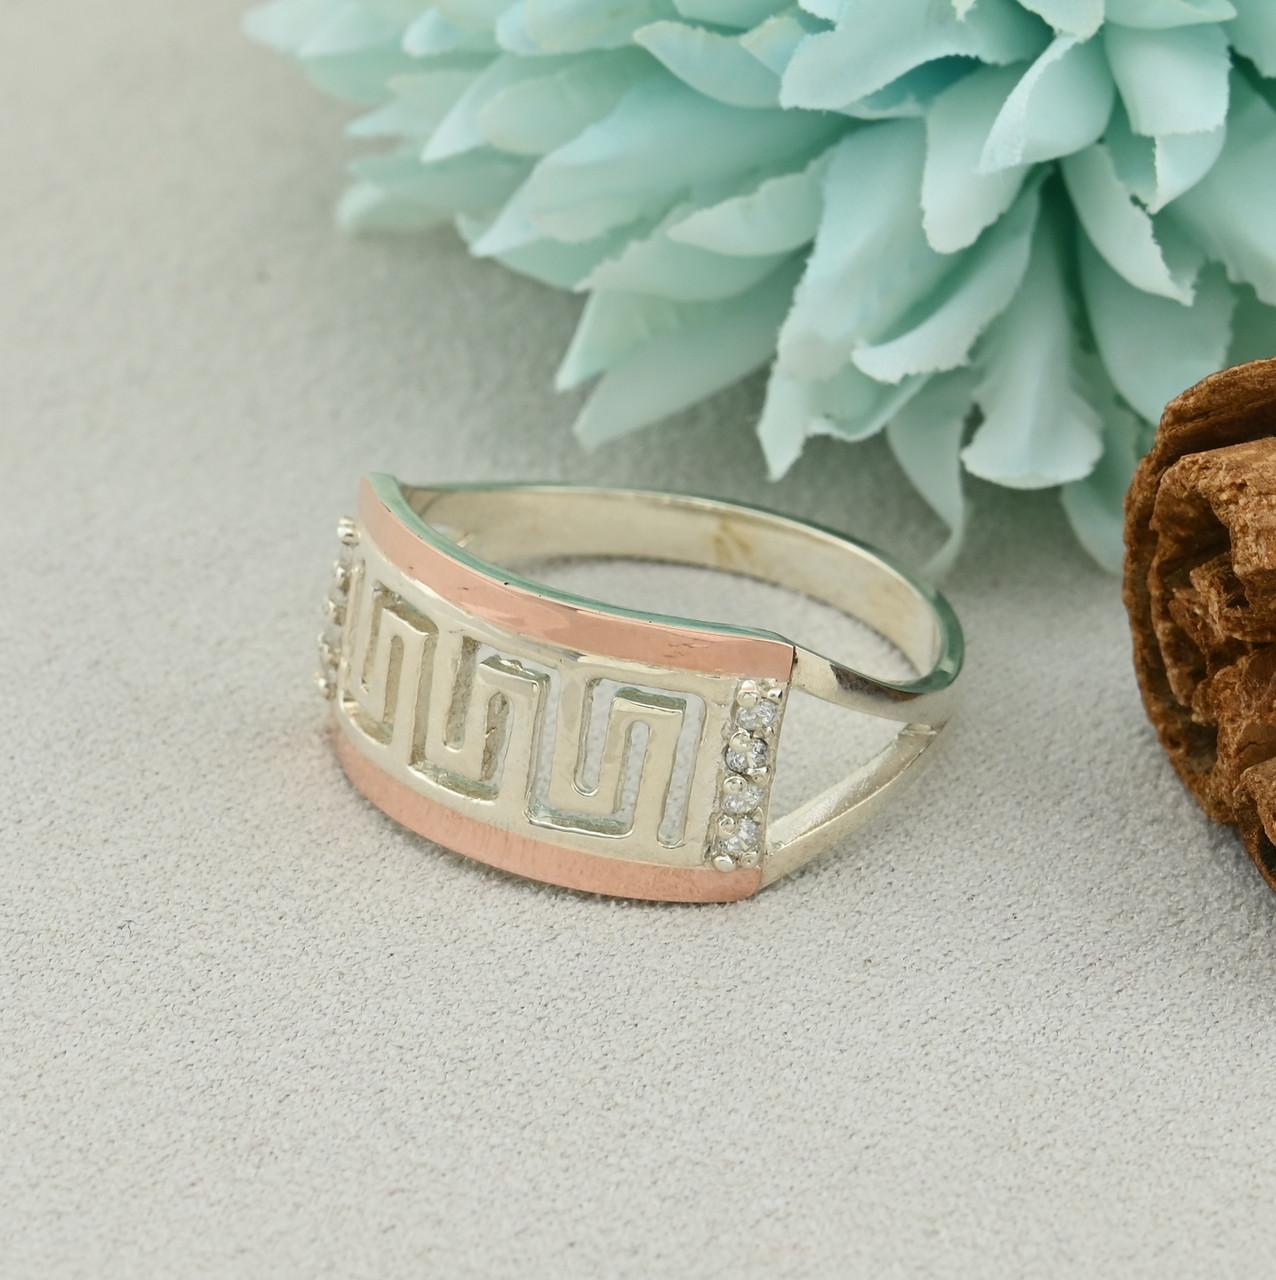 Серебряное кольцо с золотом Византия размер 20.5 вставка белые фианиты вес 3.6 г